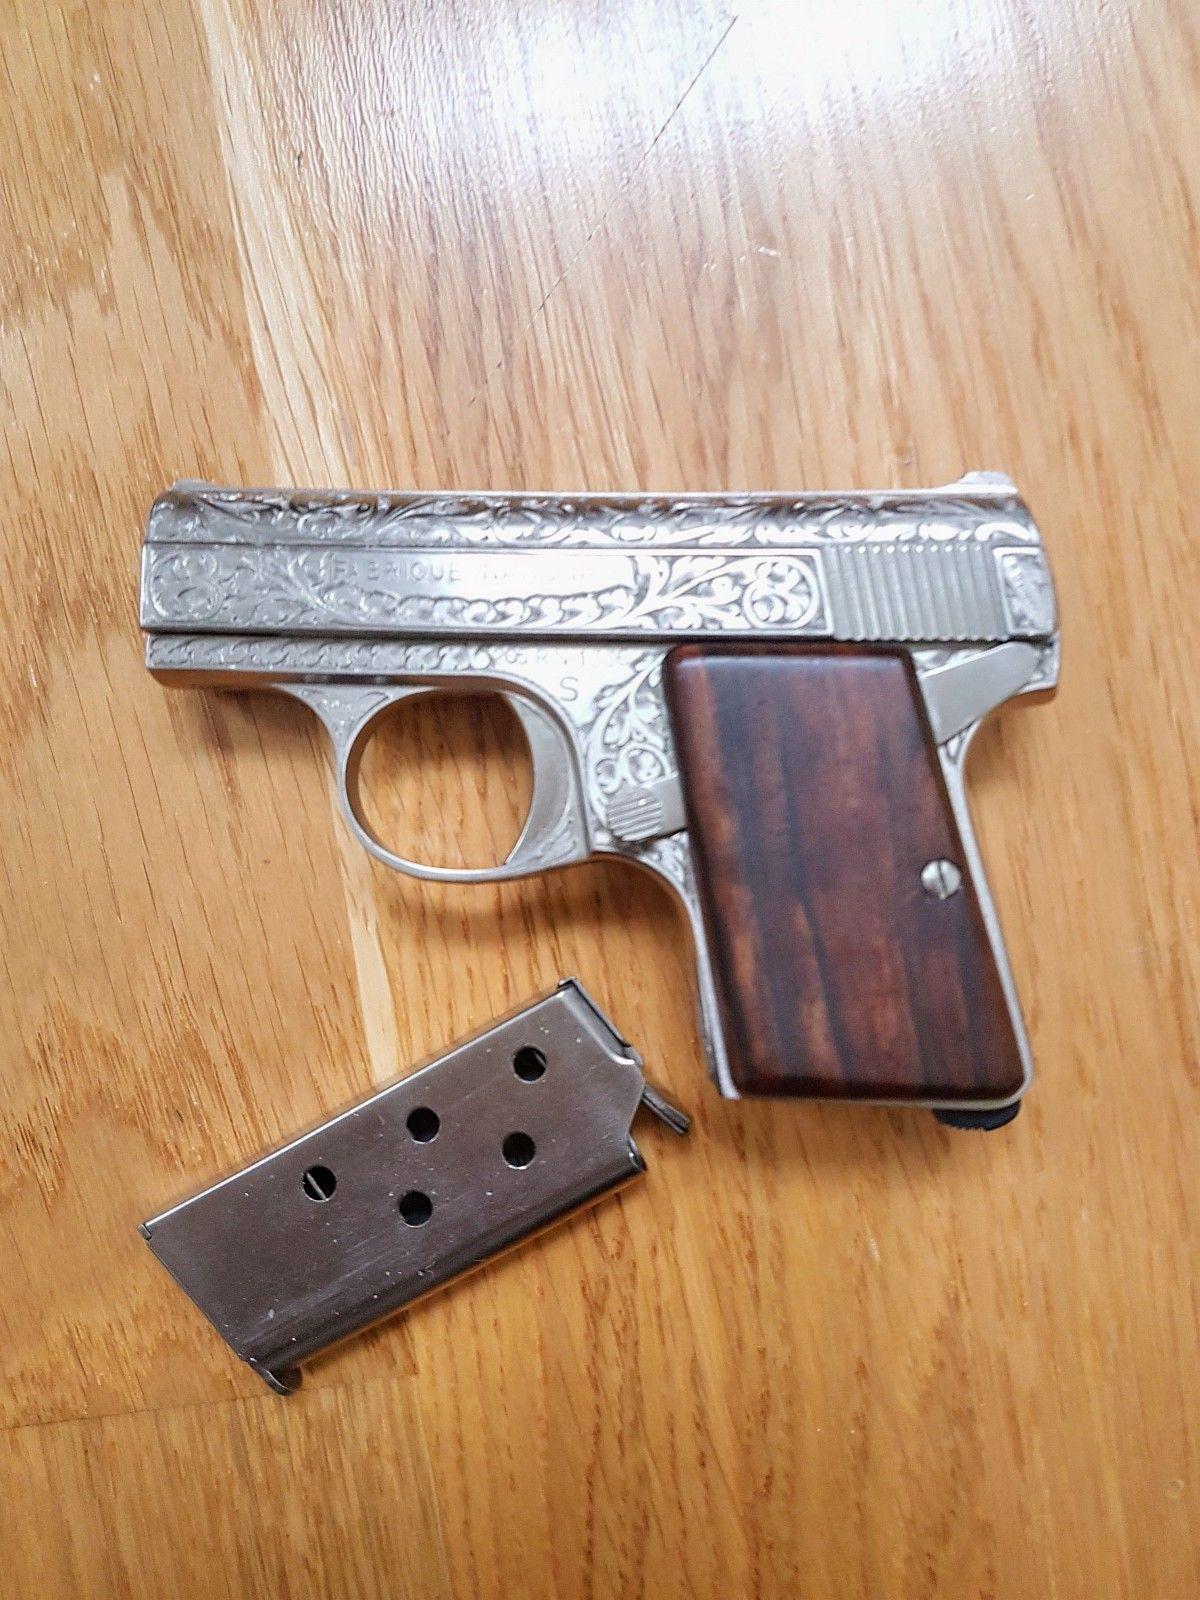 FN Browning 6,35 - Oslo  - Skjelden Browning - nummerert 47 av 1000.  Pistolen har aldri vært brukt.   Ved kjøp av våpen må det foreligge gyldig kjøpstillatesle fra Poitiet. - Oslo